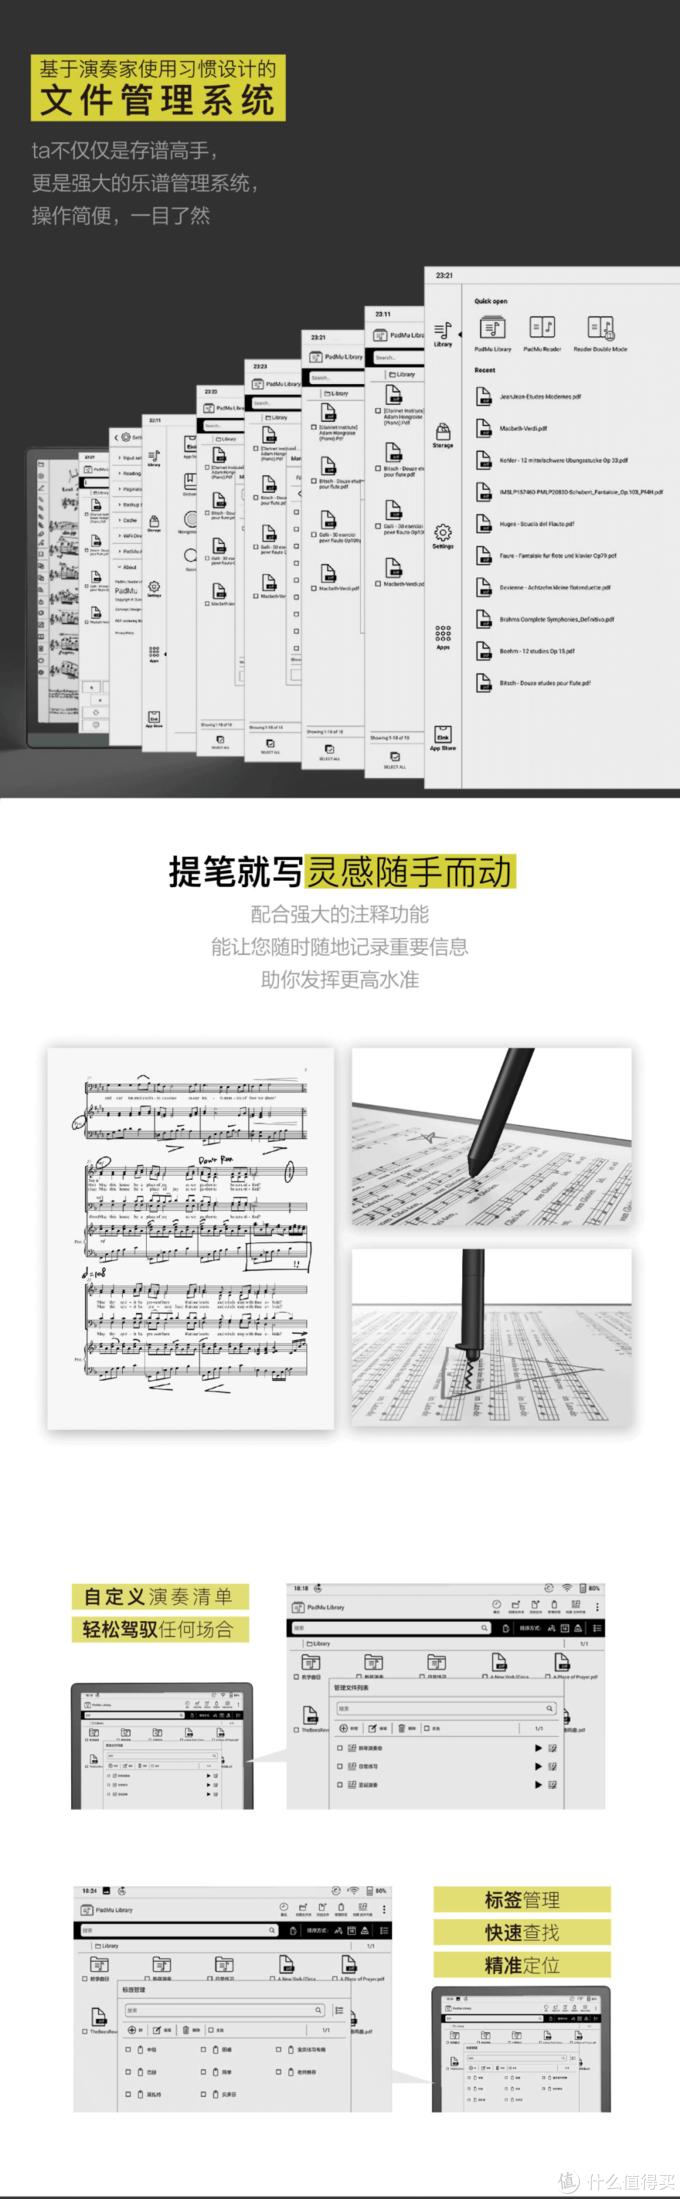 【新品】Pagebox Lumi智能阅谱平板发光上市,为音乐爱好者而生!